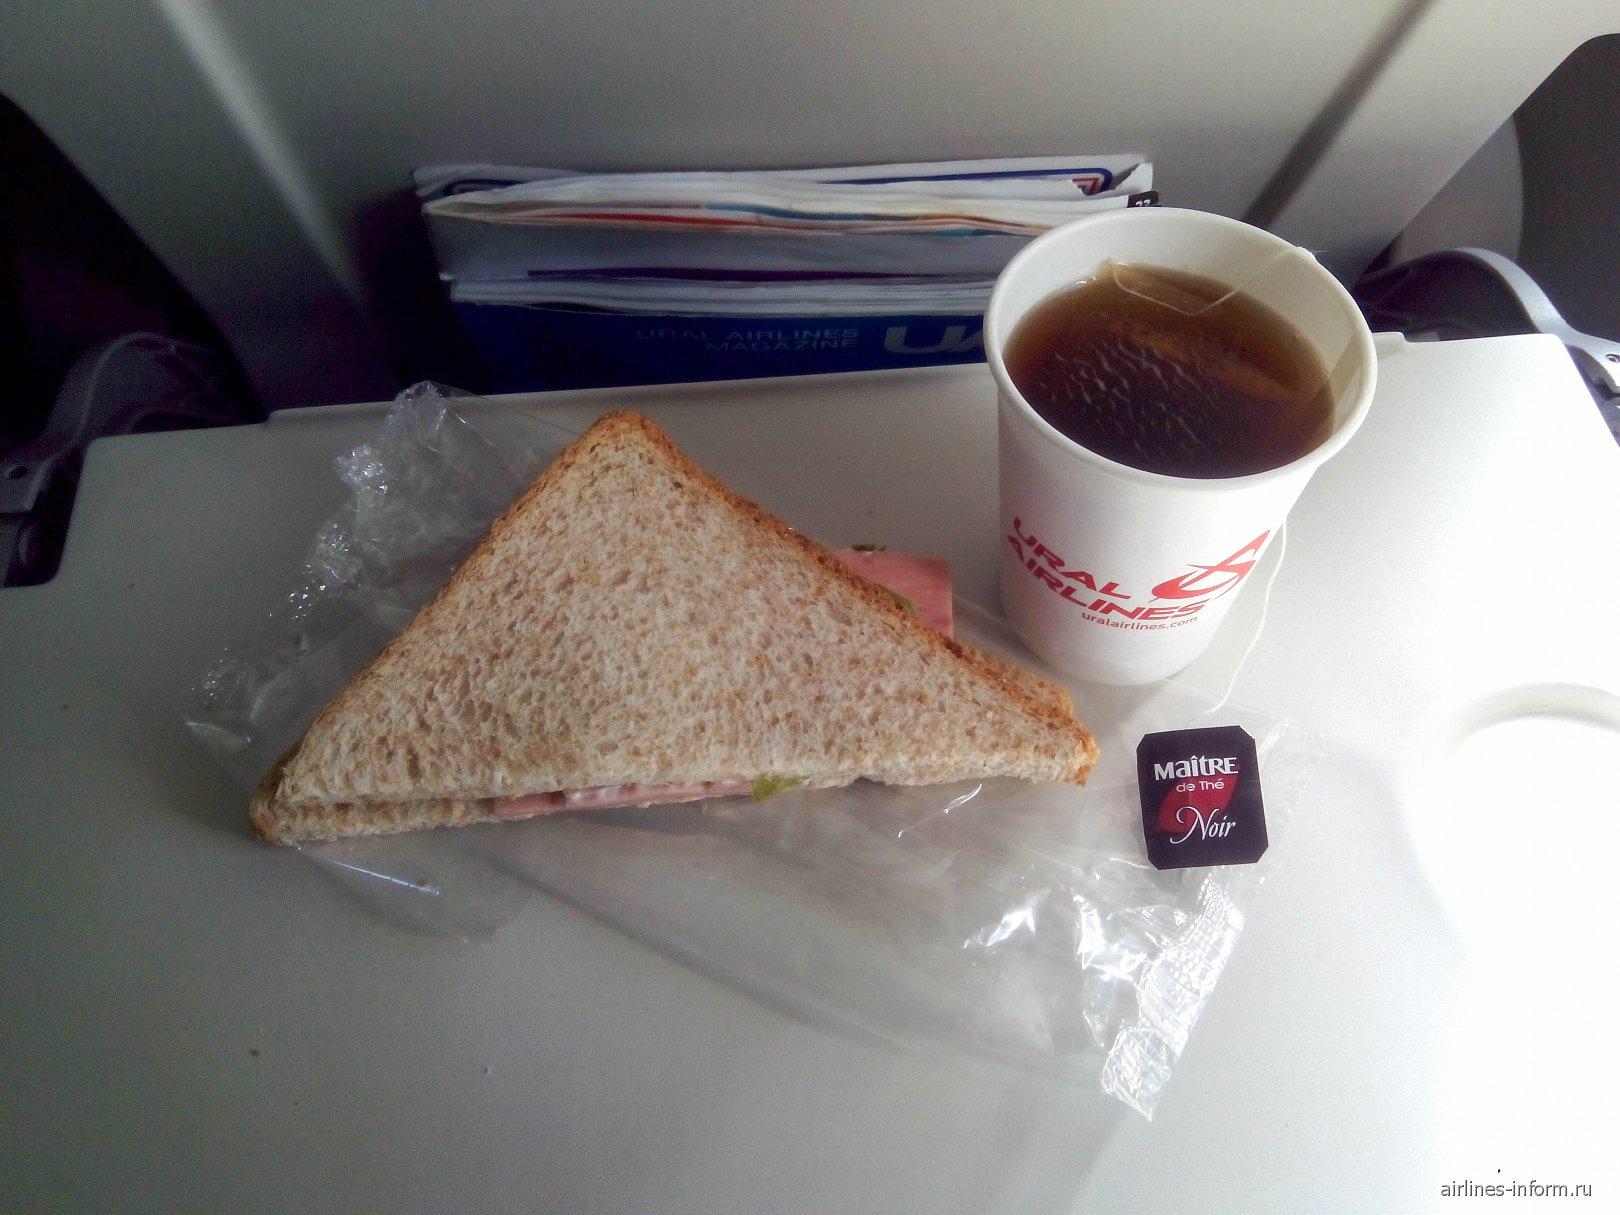 Бортпитание на рейсе Уральских авиалиний Москва-Сочи